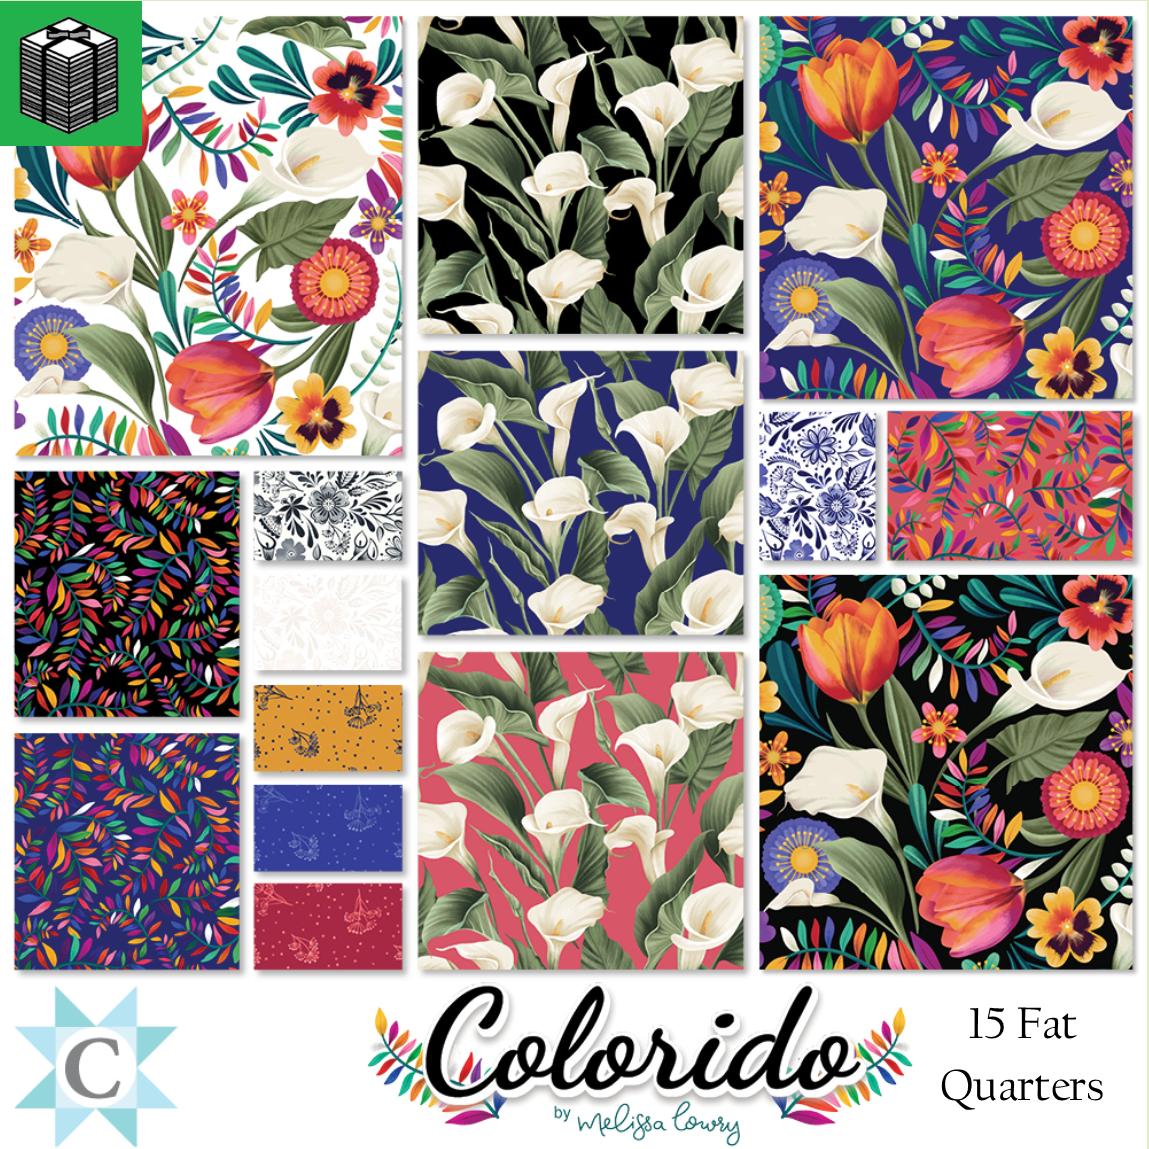 Colorido - 15 Fat Quarters